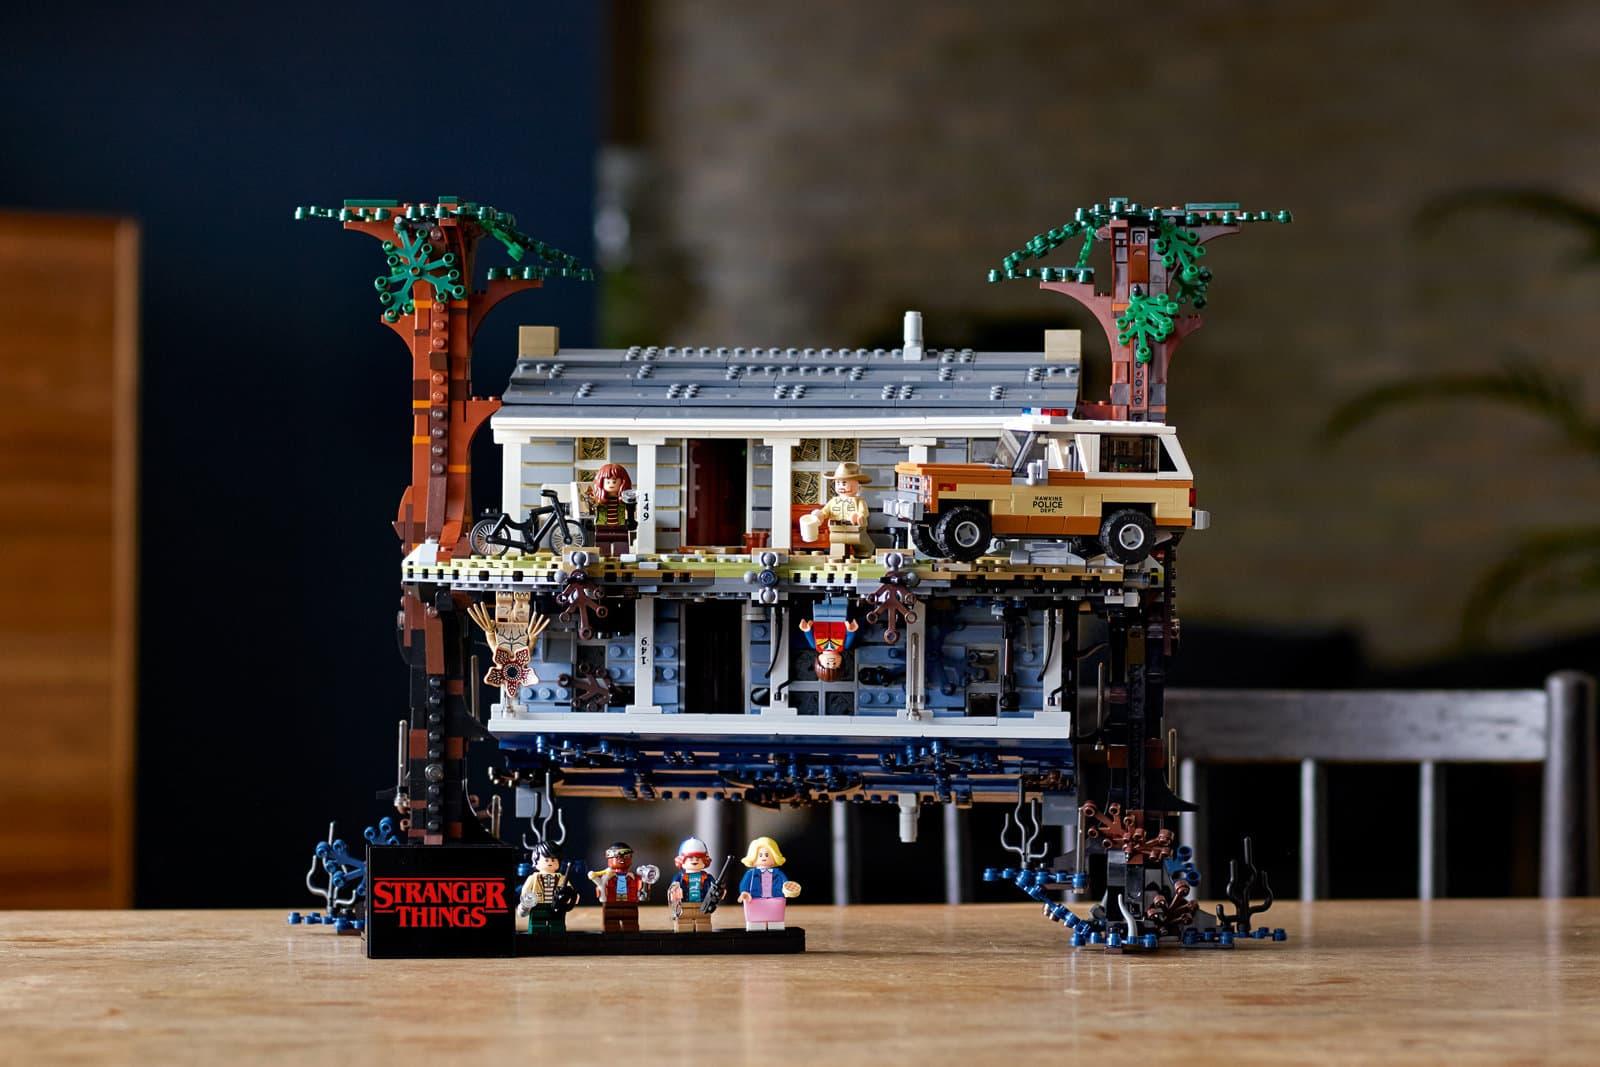 Das LEGO Stranger Things 'Die andere Seite' Set ist wirklich genial | Hier ist das passende Video dazu